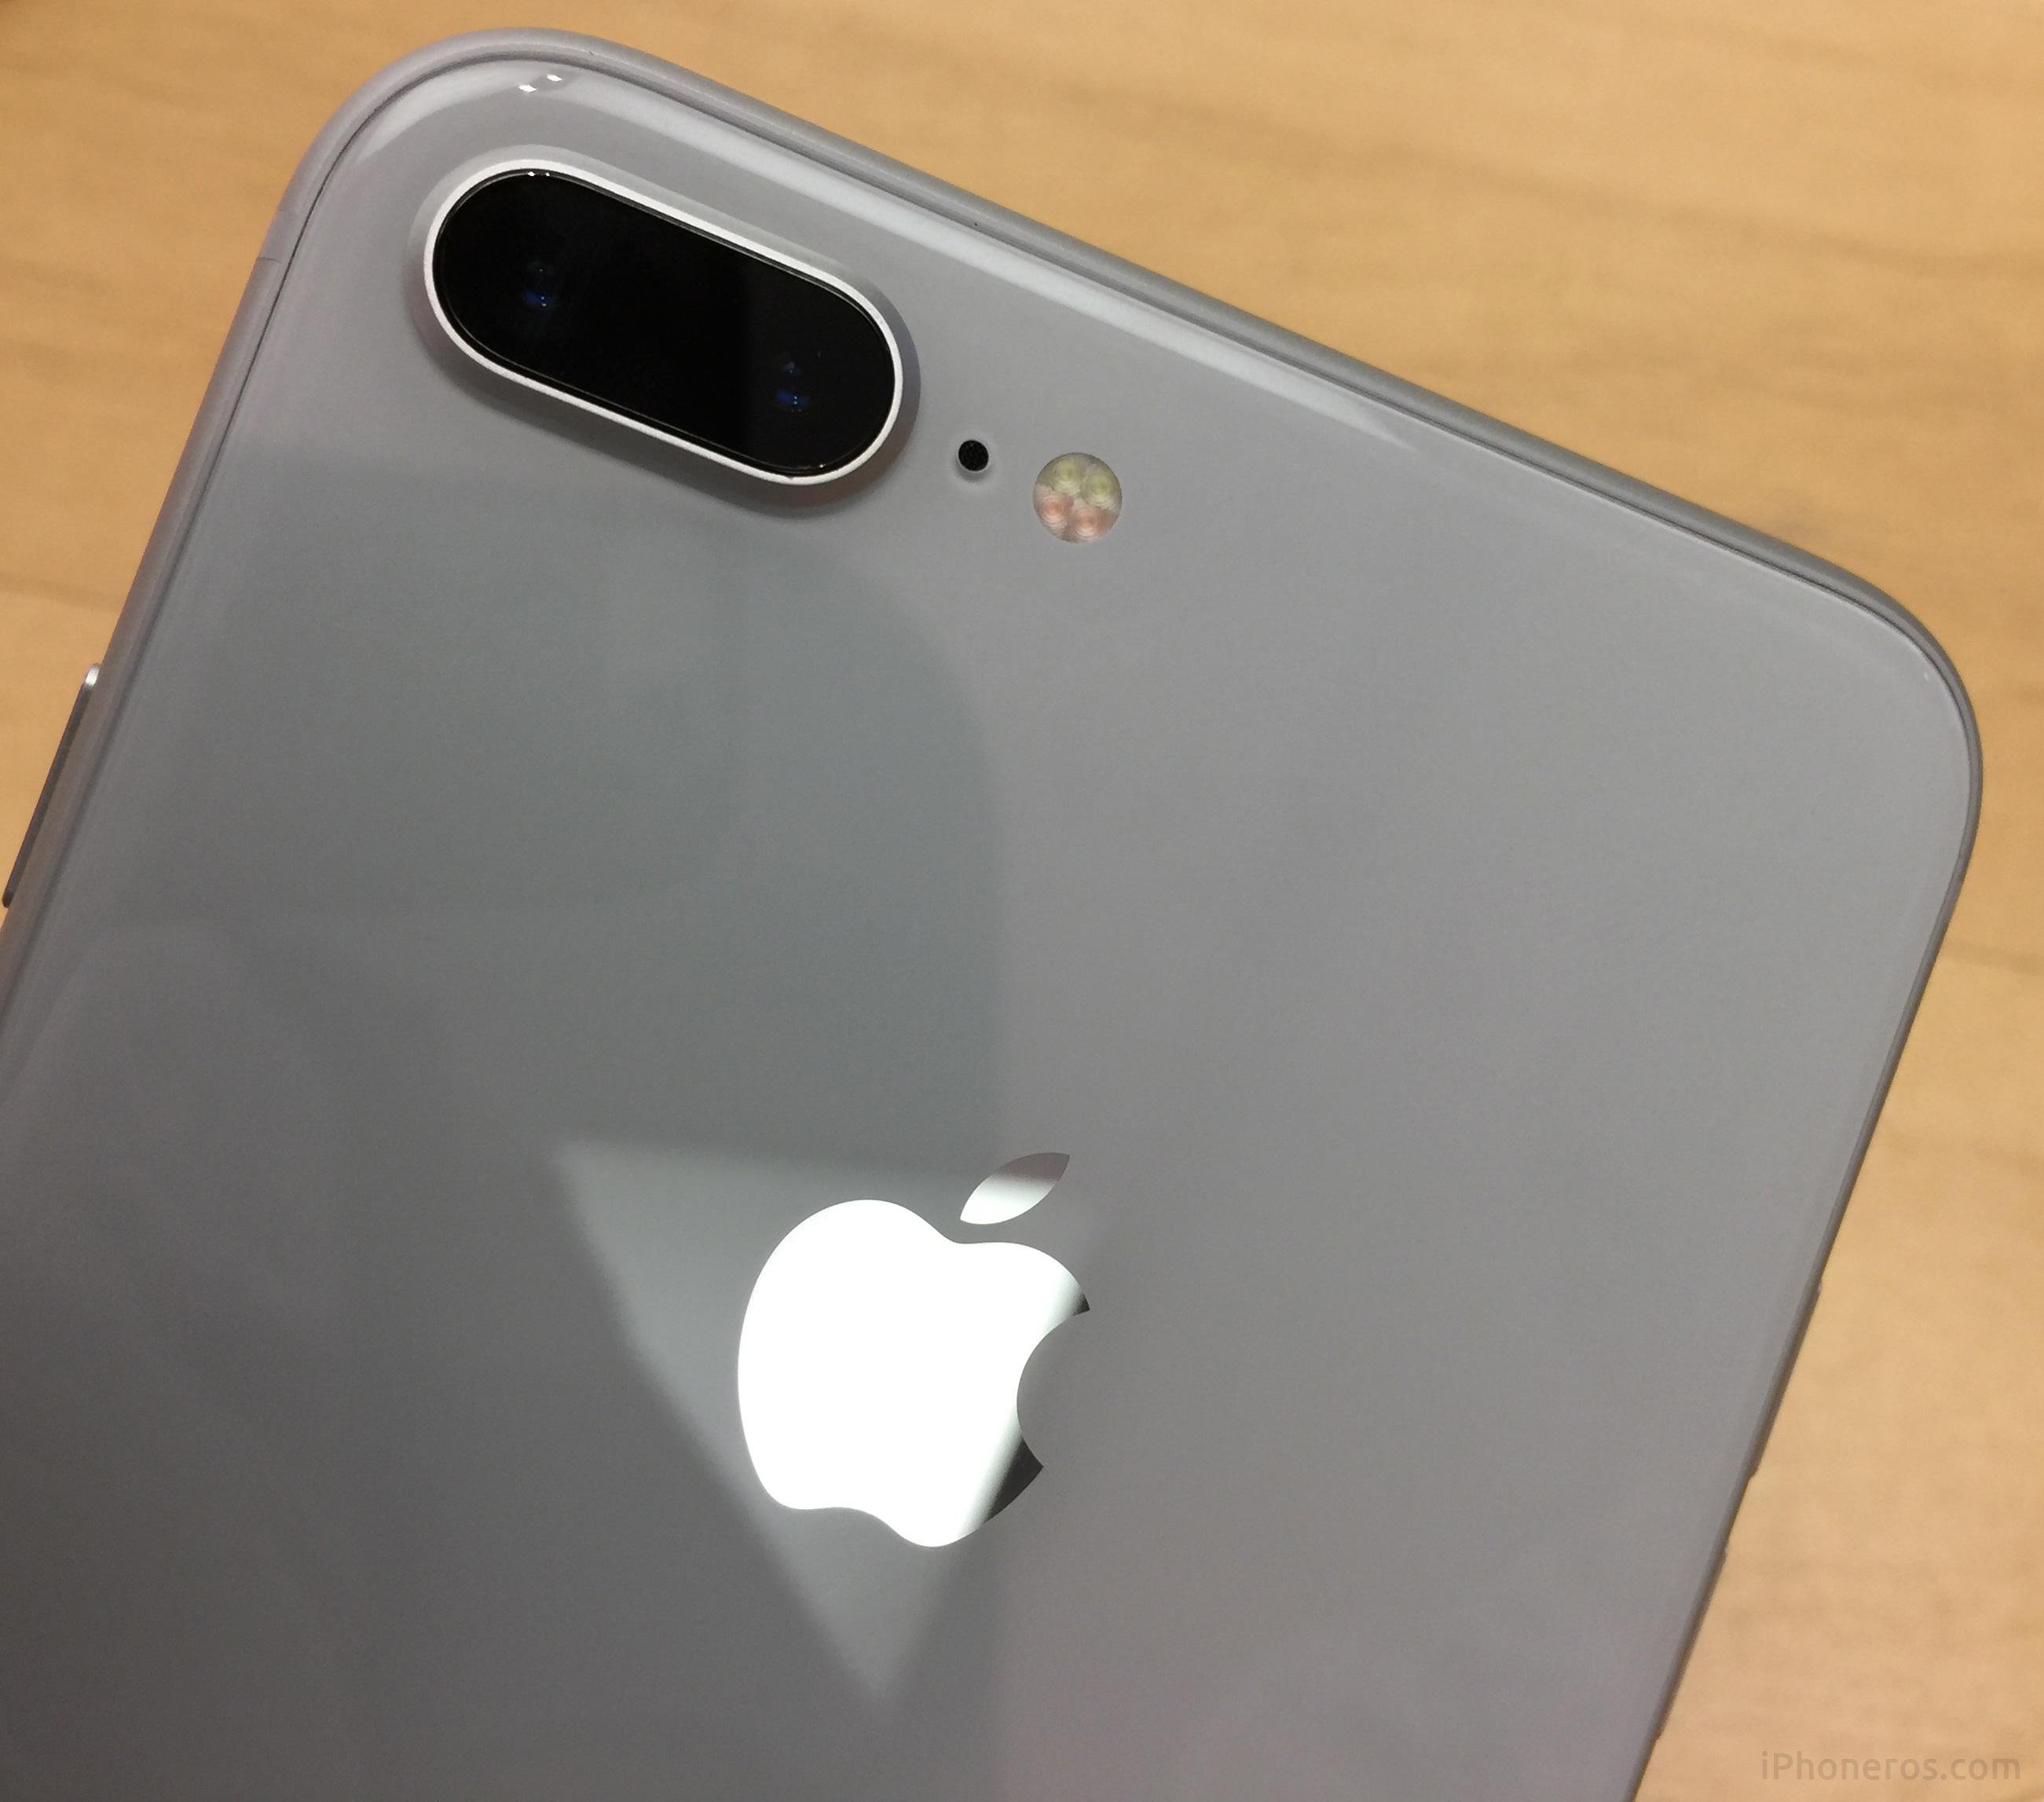 iPhone 8 Plus blanco por detrás, con su carcasa de cristal